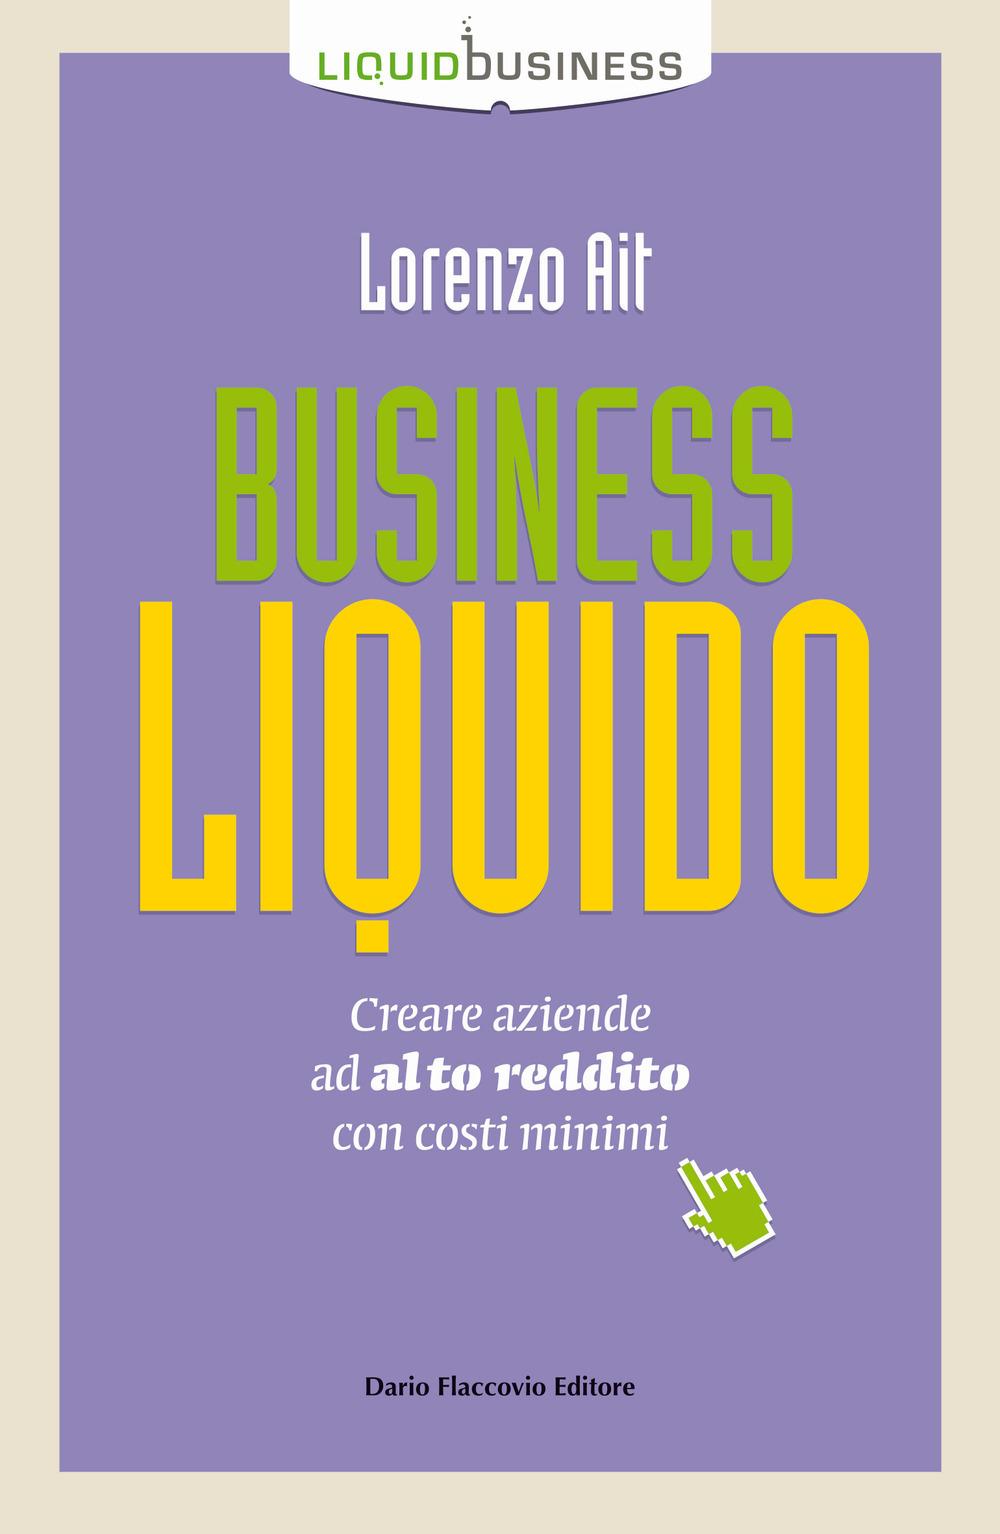 Business liquido